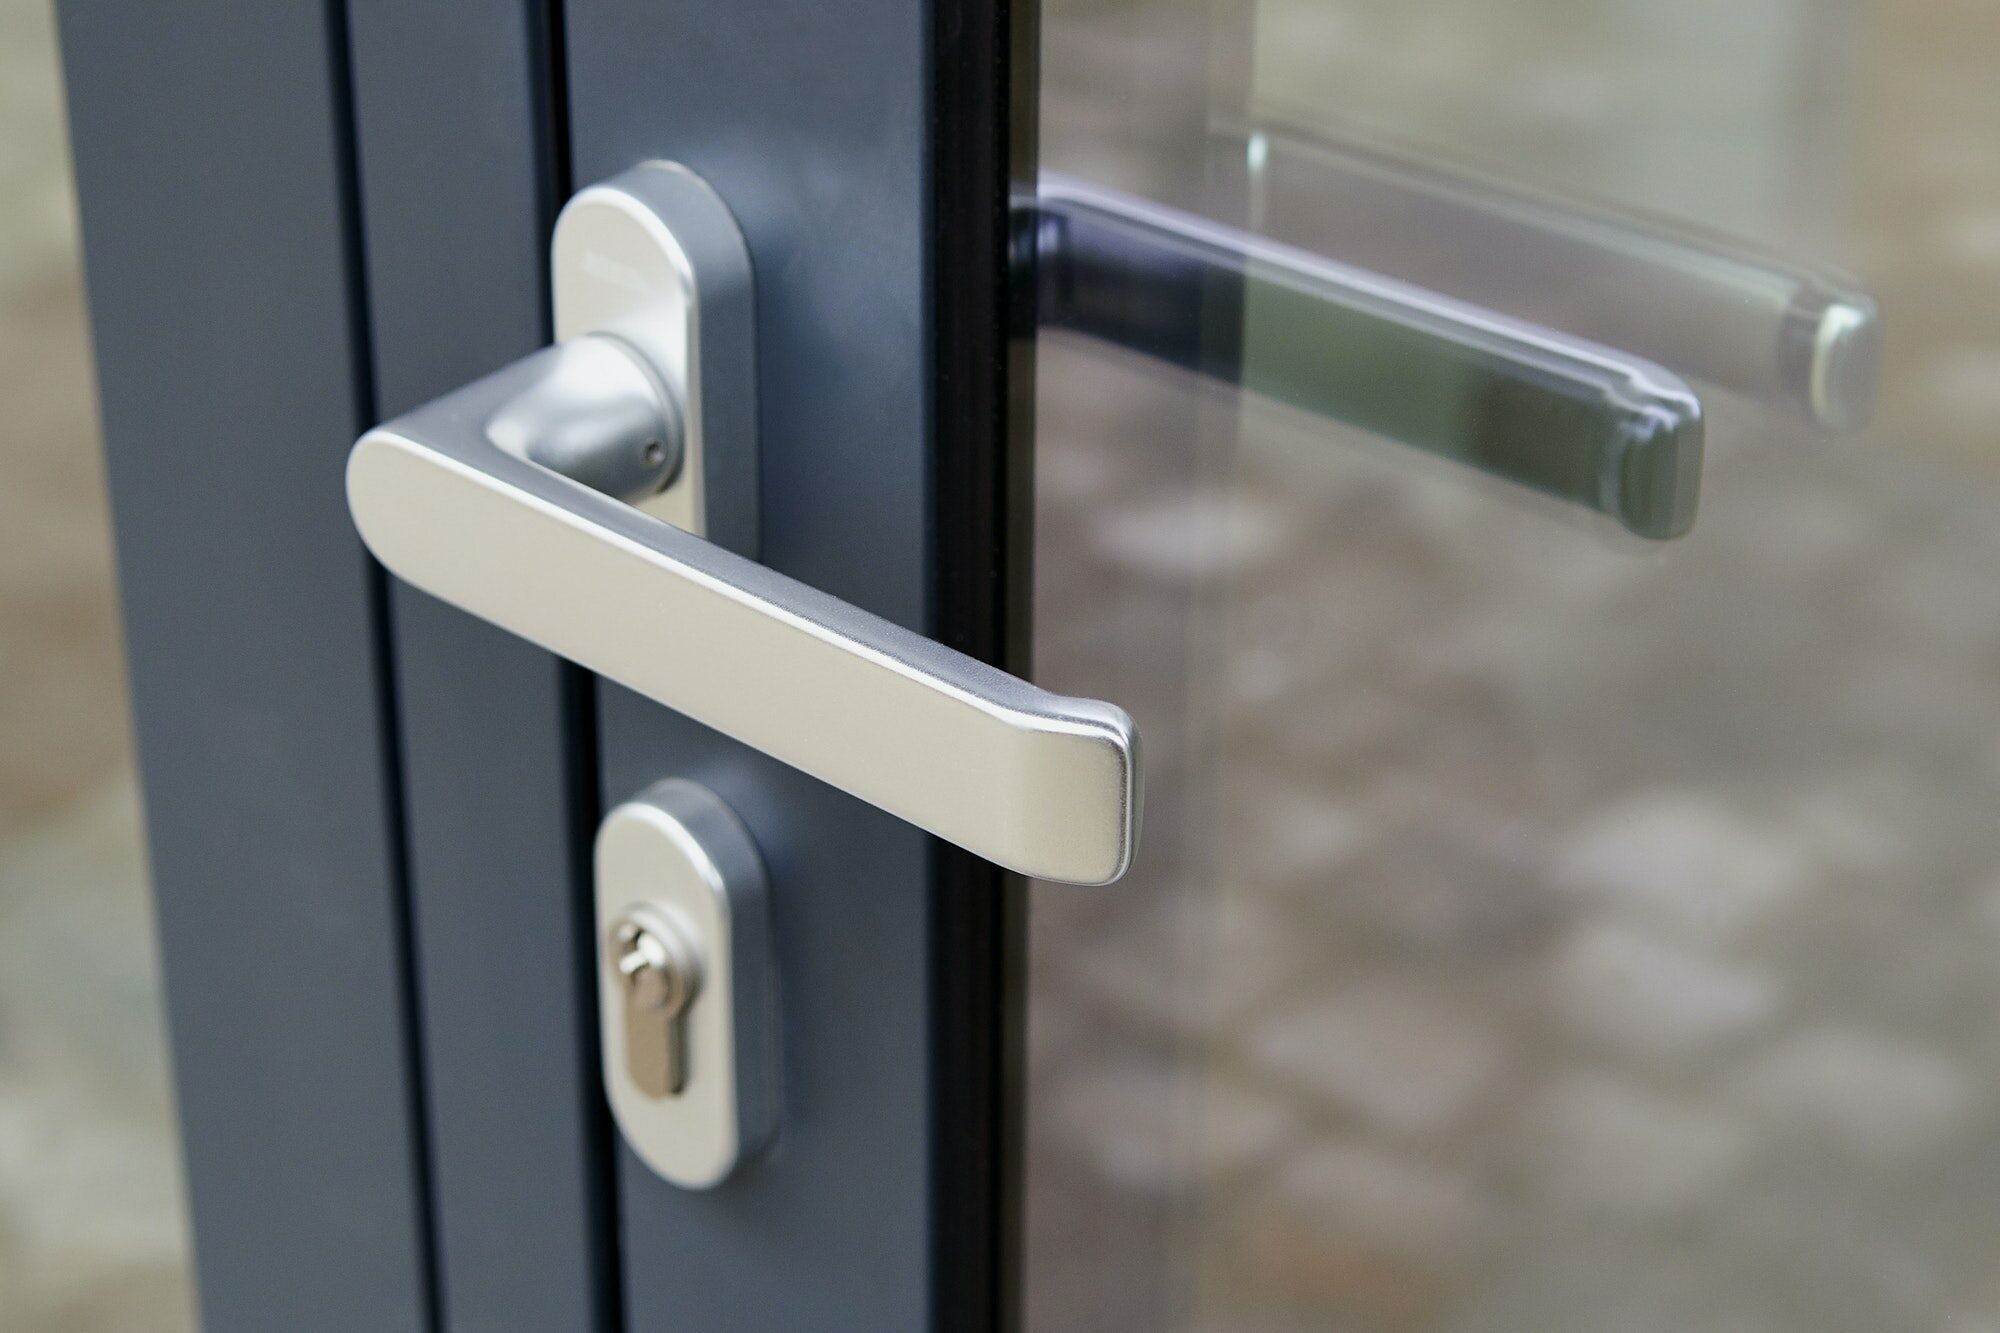 Kan ikke få nøglen ind i låsen (bilnøgle og nøgle til dør) Få tips på hvad du kan gøre hvis du ikke kan få nøgle ind i låsen + info; hvad skyldes fejlen